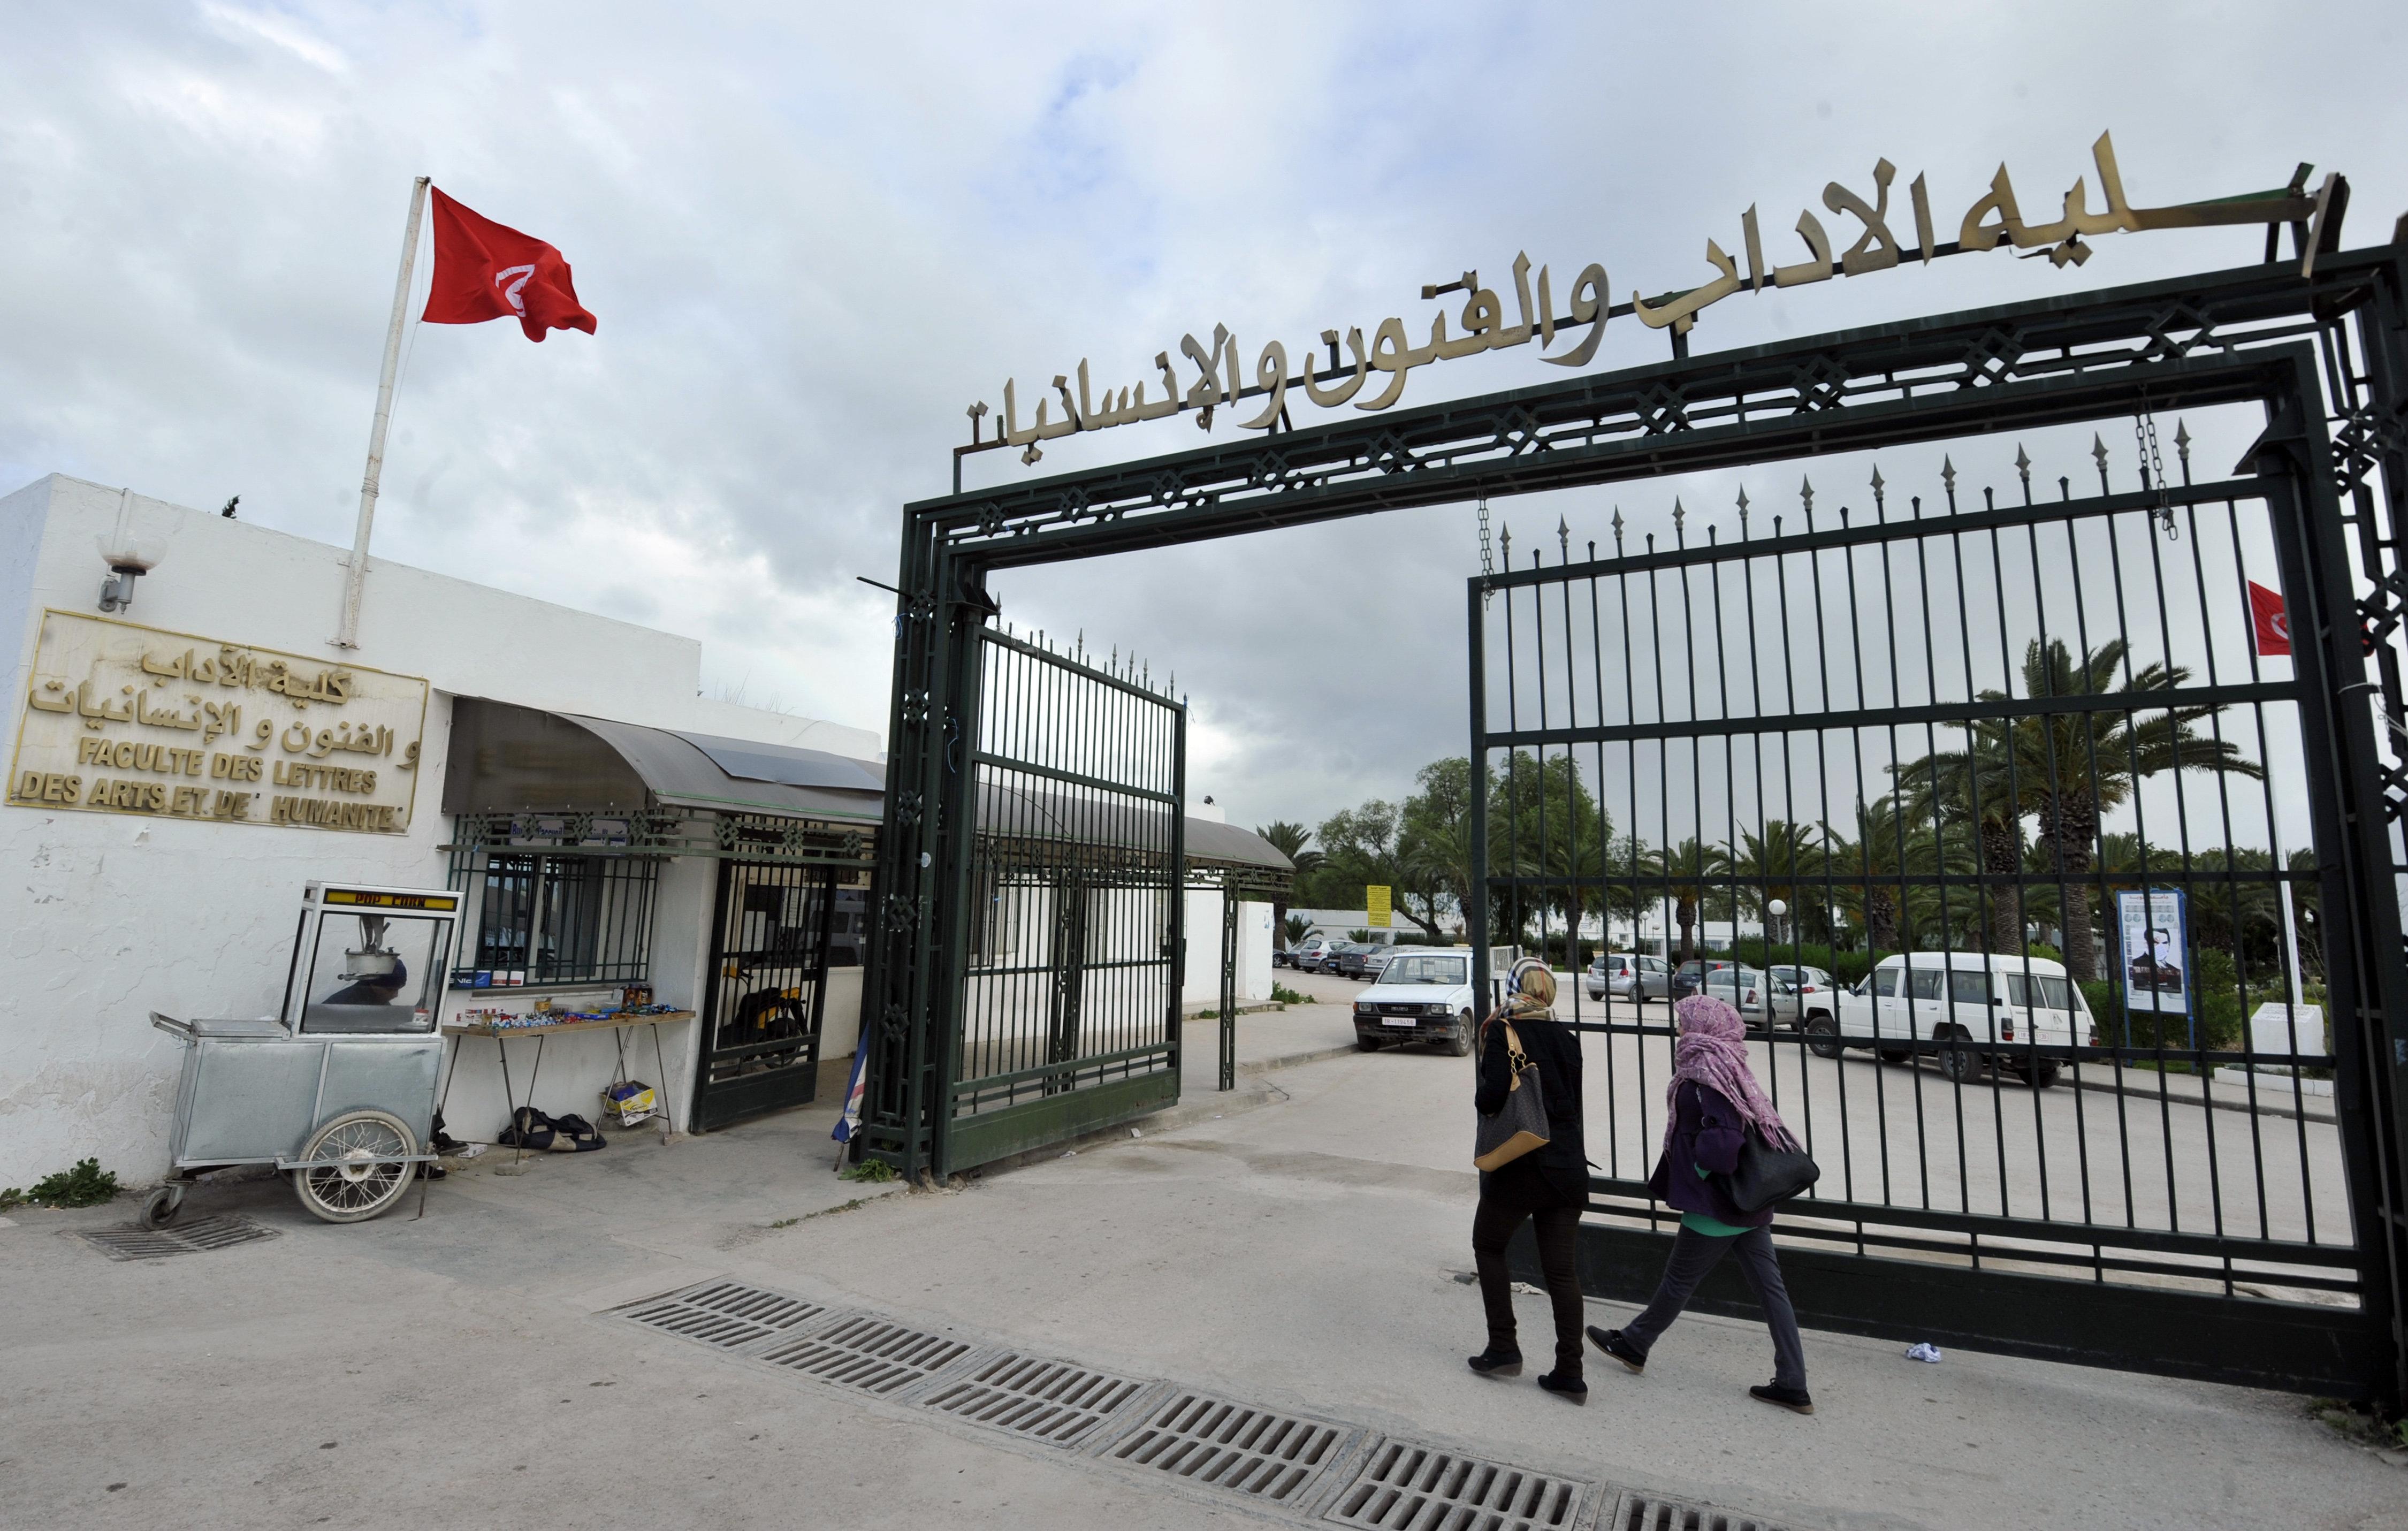 L'accès des étudiants étrangers aux universités publiques tunisiennes est désormais